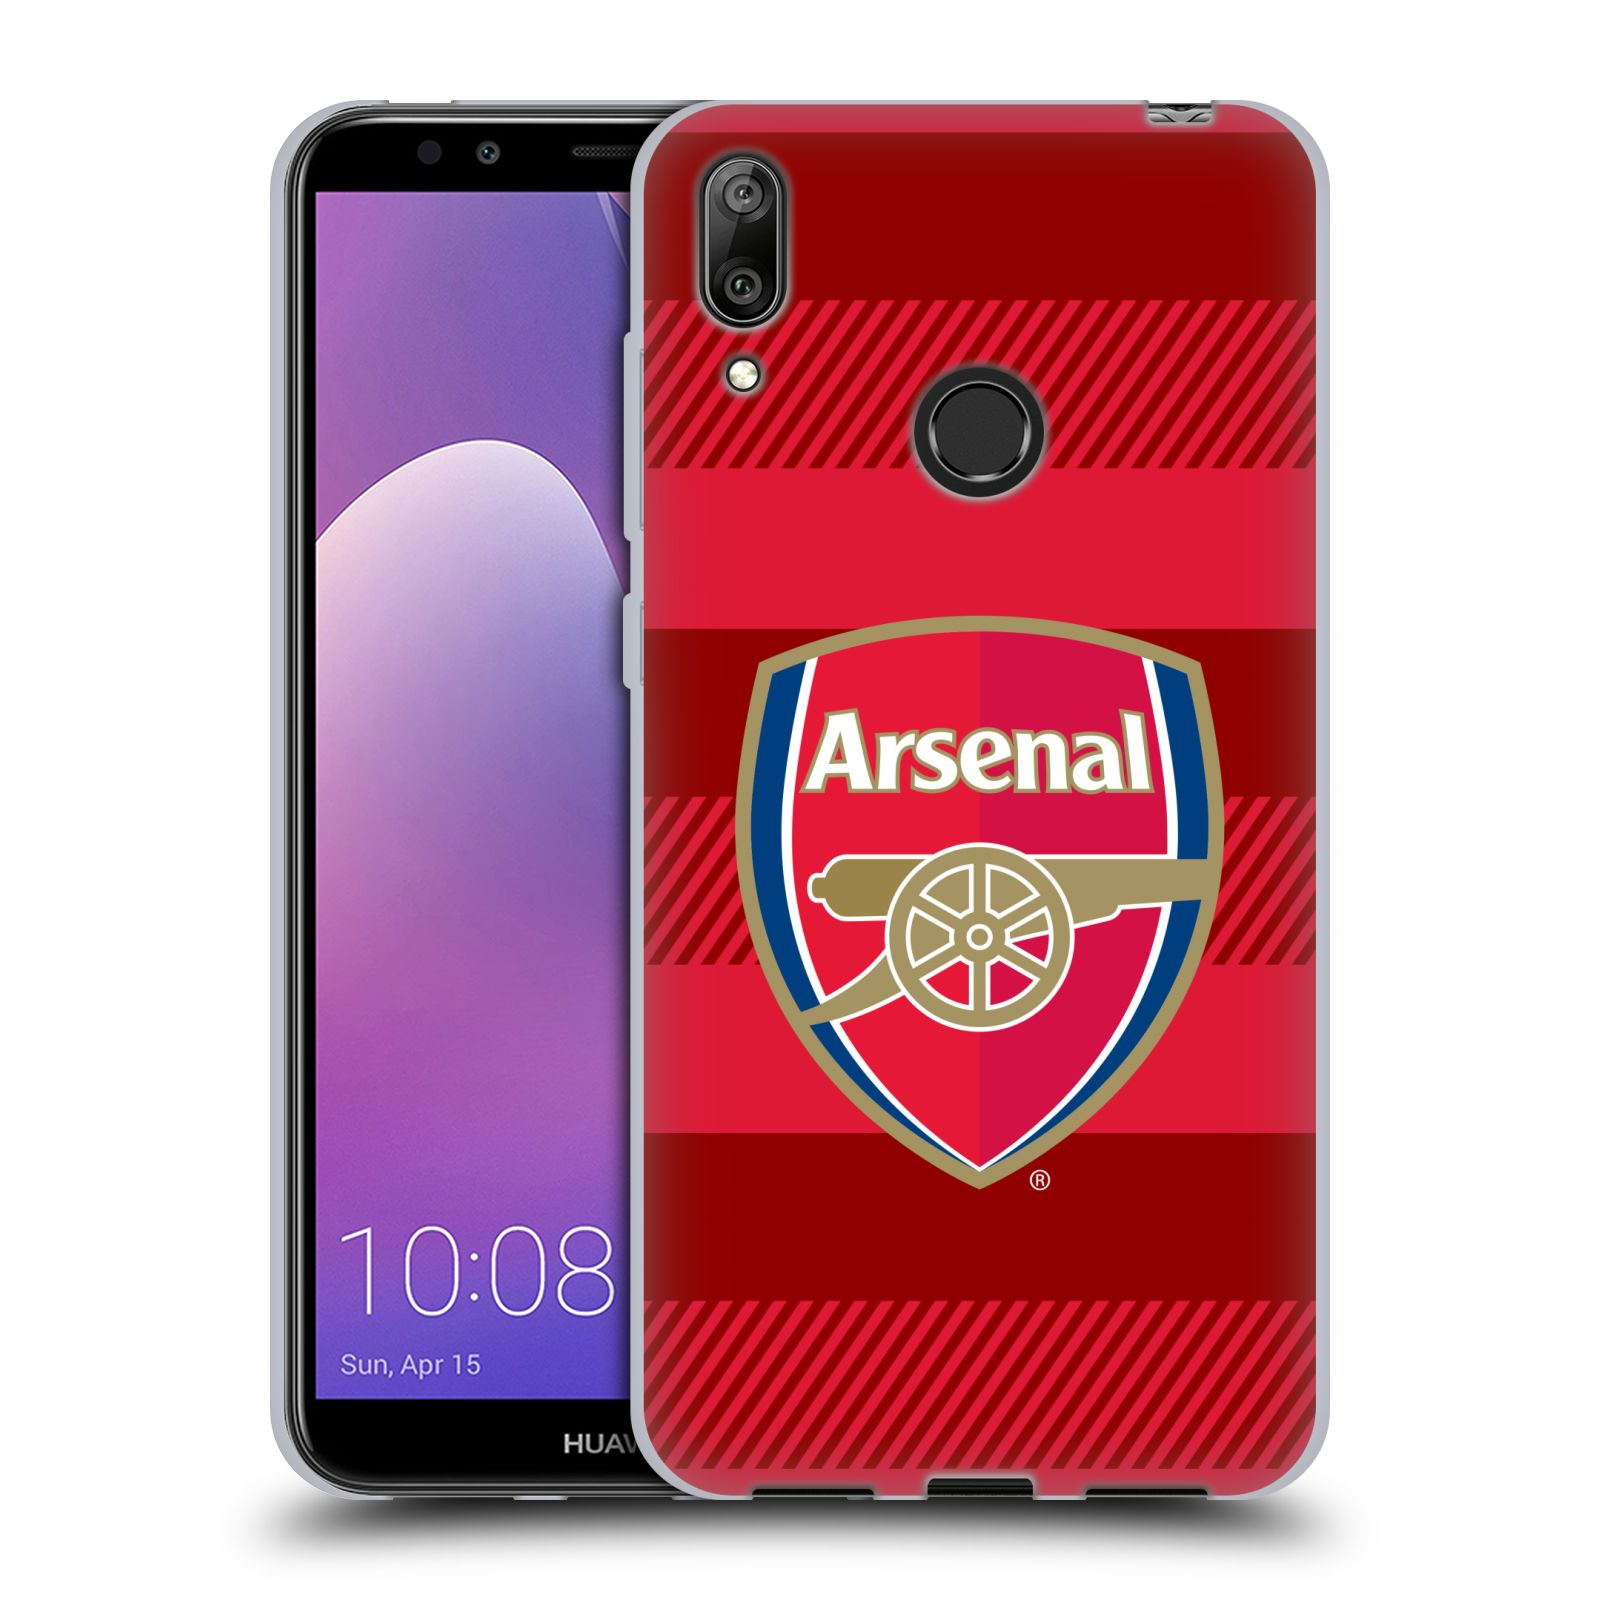 Silikonové pouzdro na mobil Huawei Y7 (2019) - Head Case - Arsenal FC - Logo s pruhy